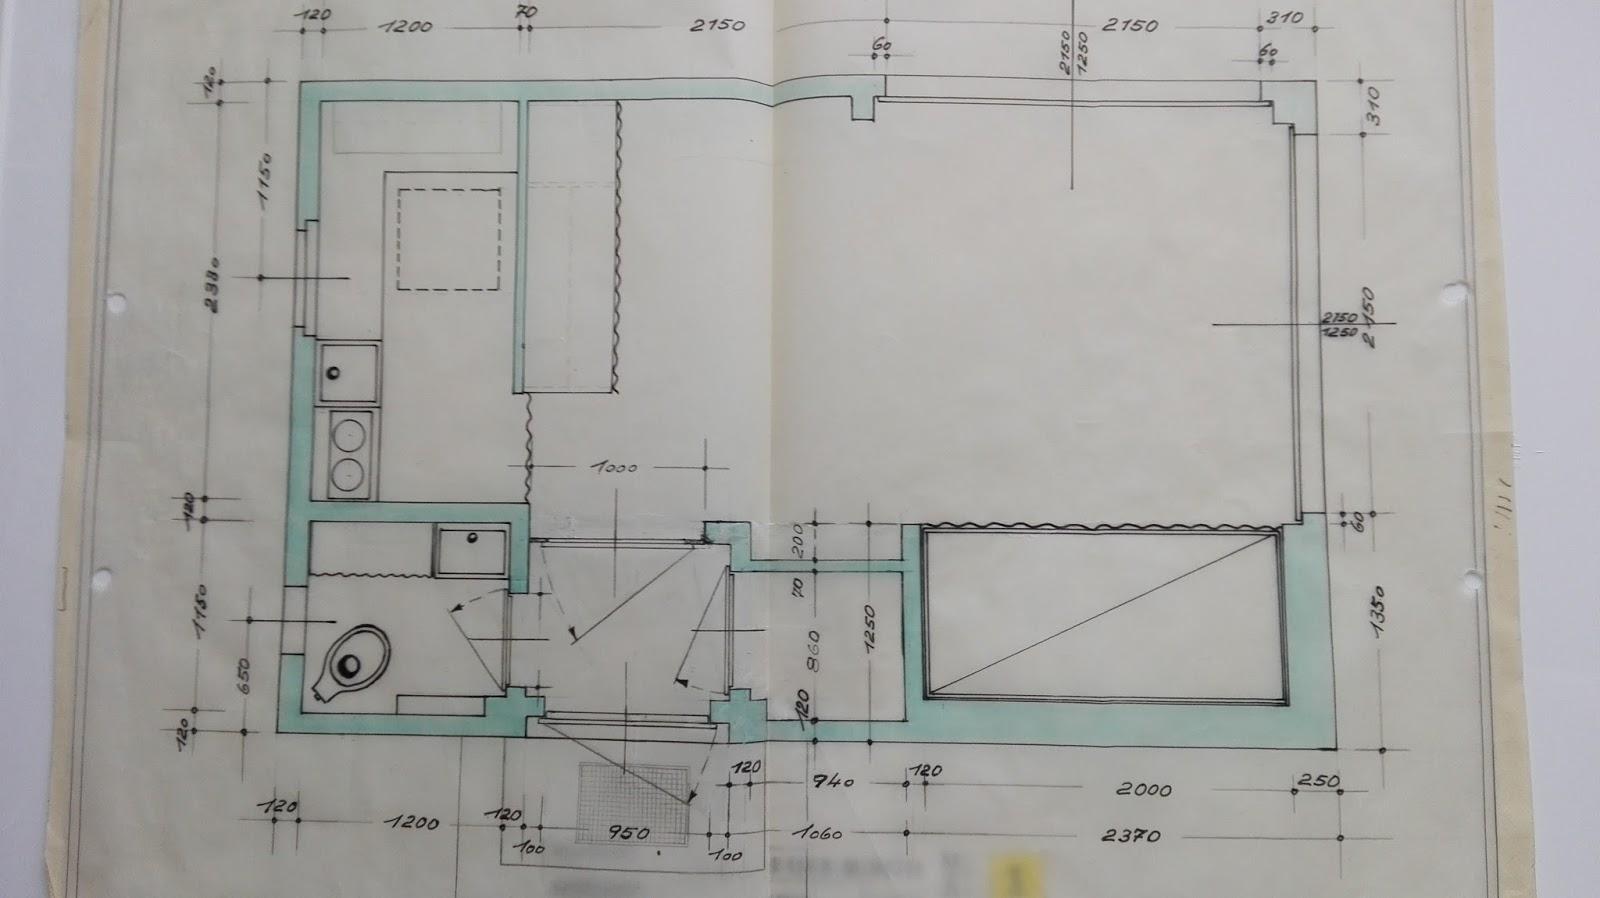 Ziemlich Schaltplan Des Warmwasserbereiters Galerie - Schaltplan ...